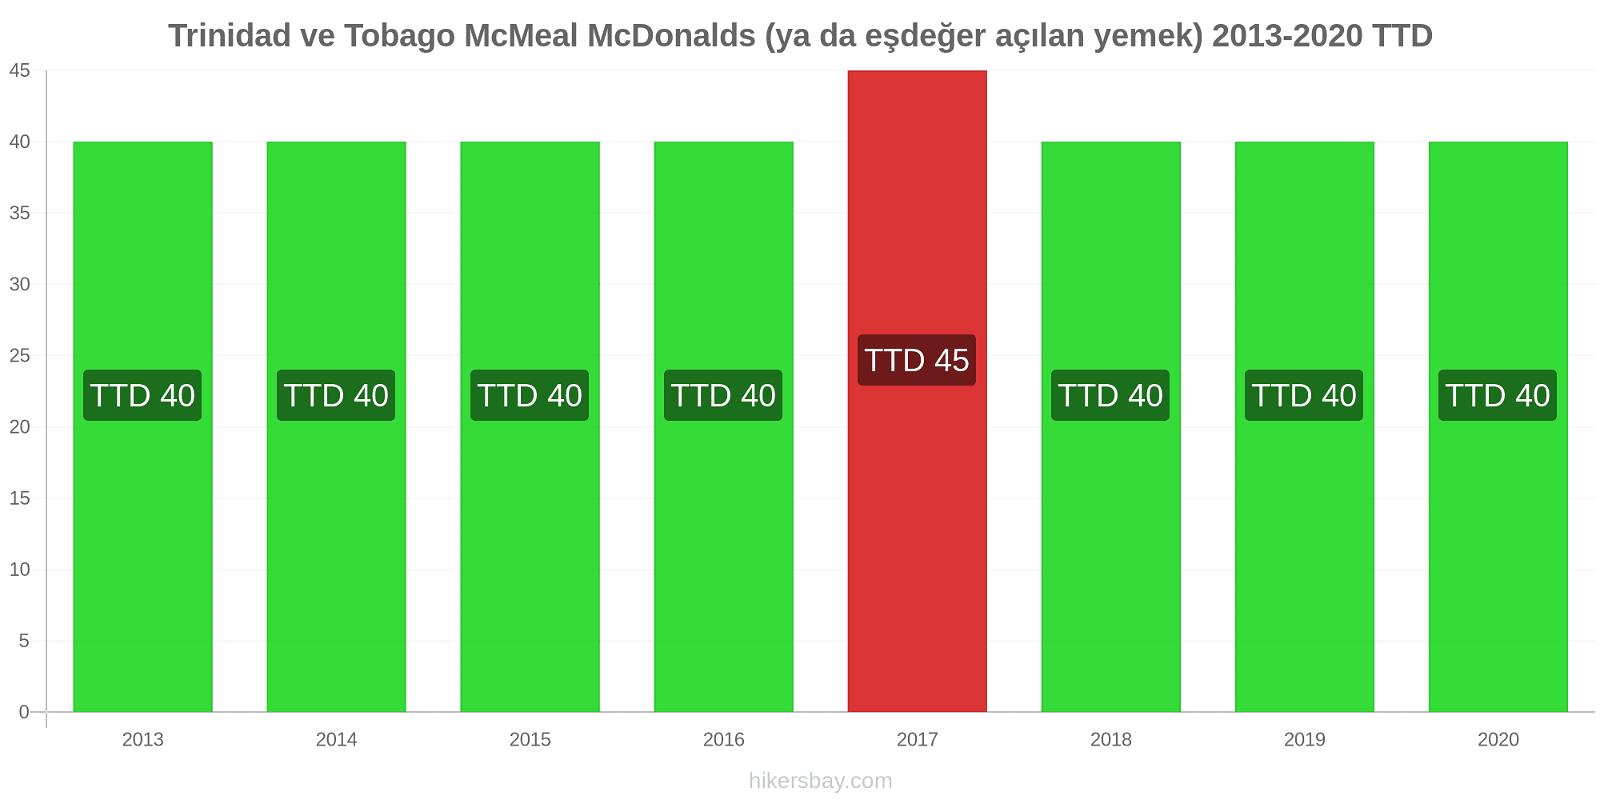 Trinidad ve Tobago fiyat değişiklikleri McMeal McDonalds (ya da eşdeğer açılan yemek) hikersbay.com